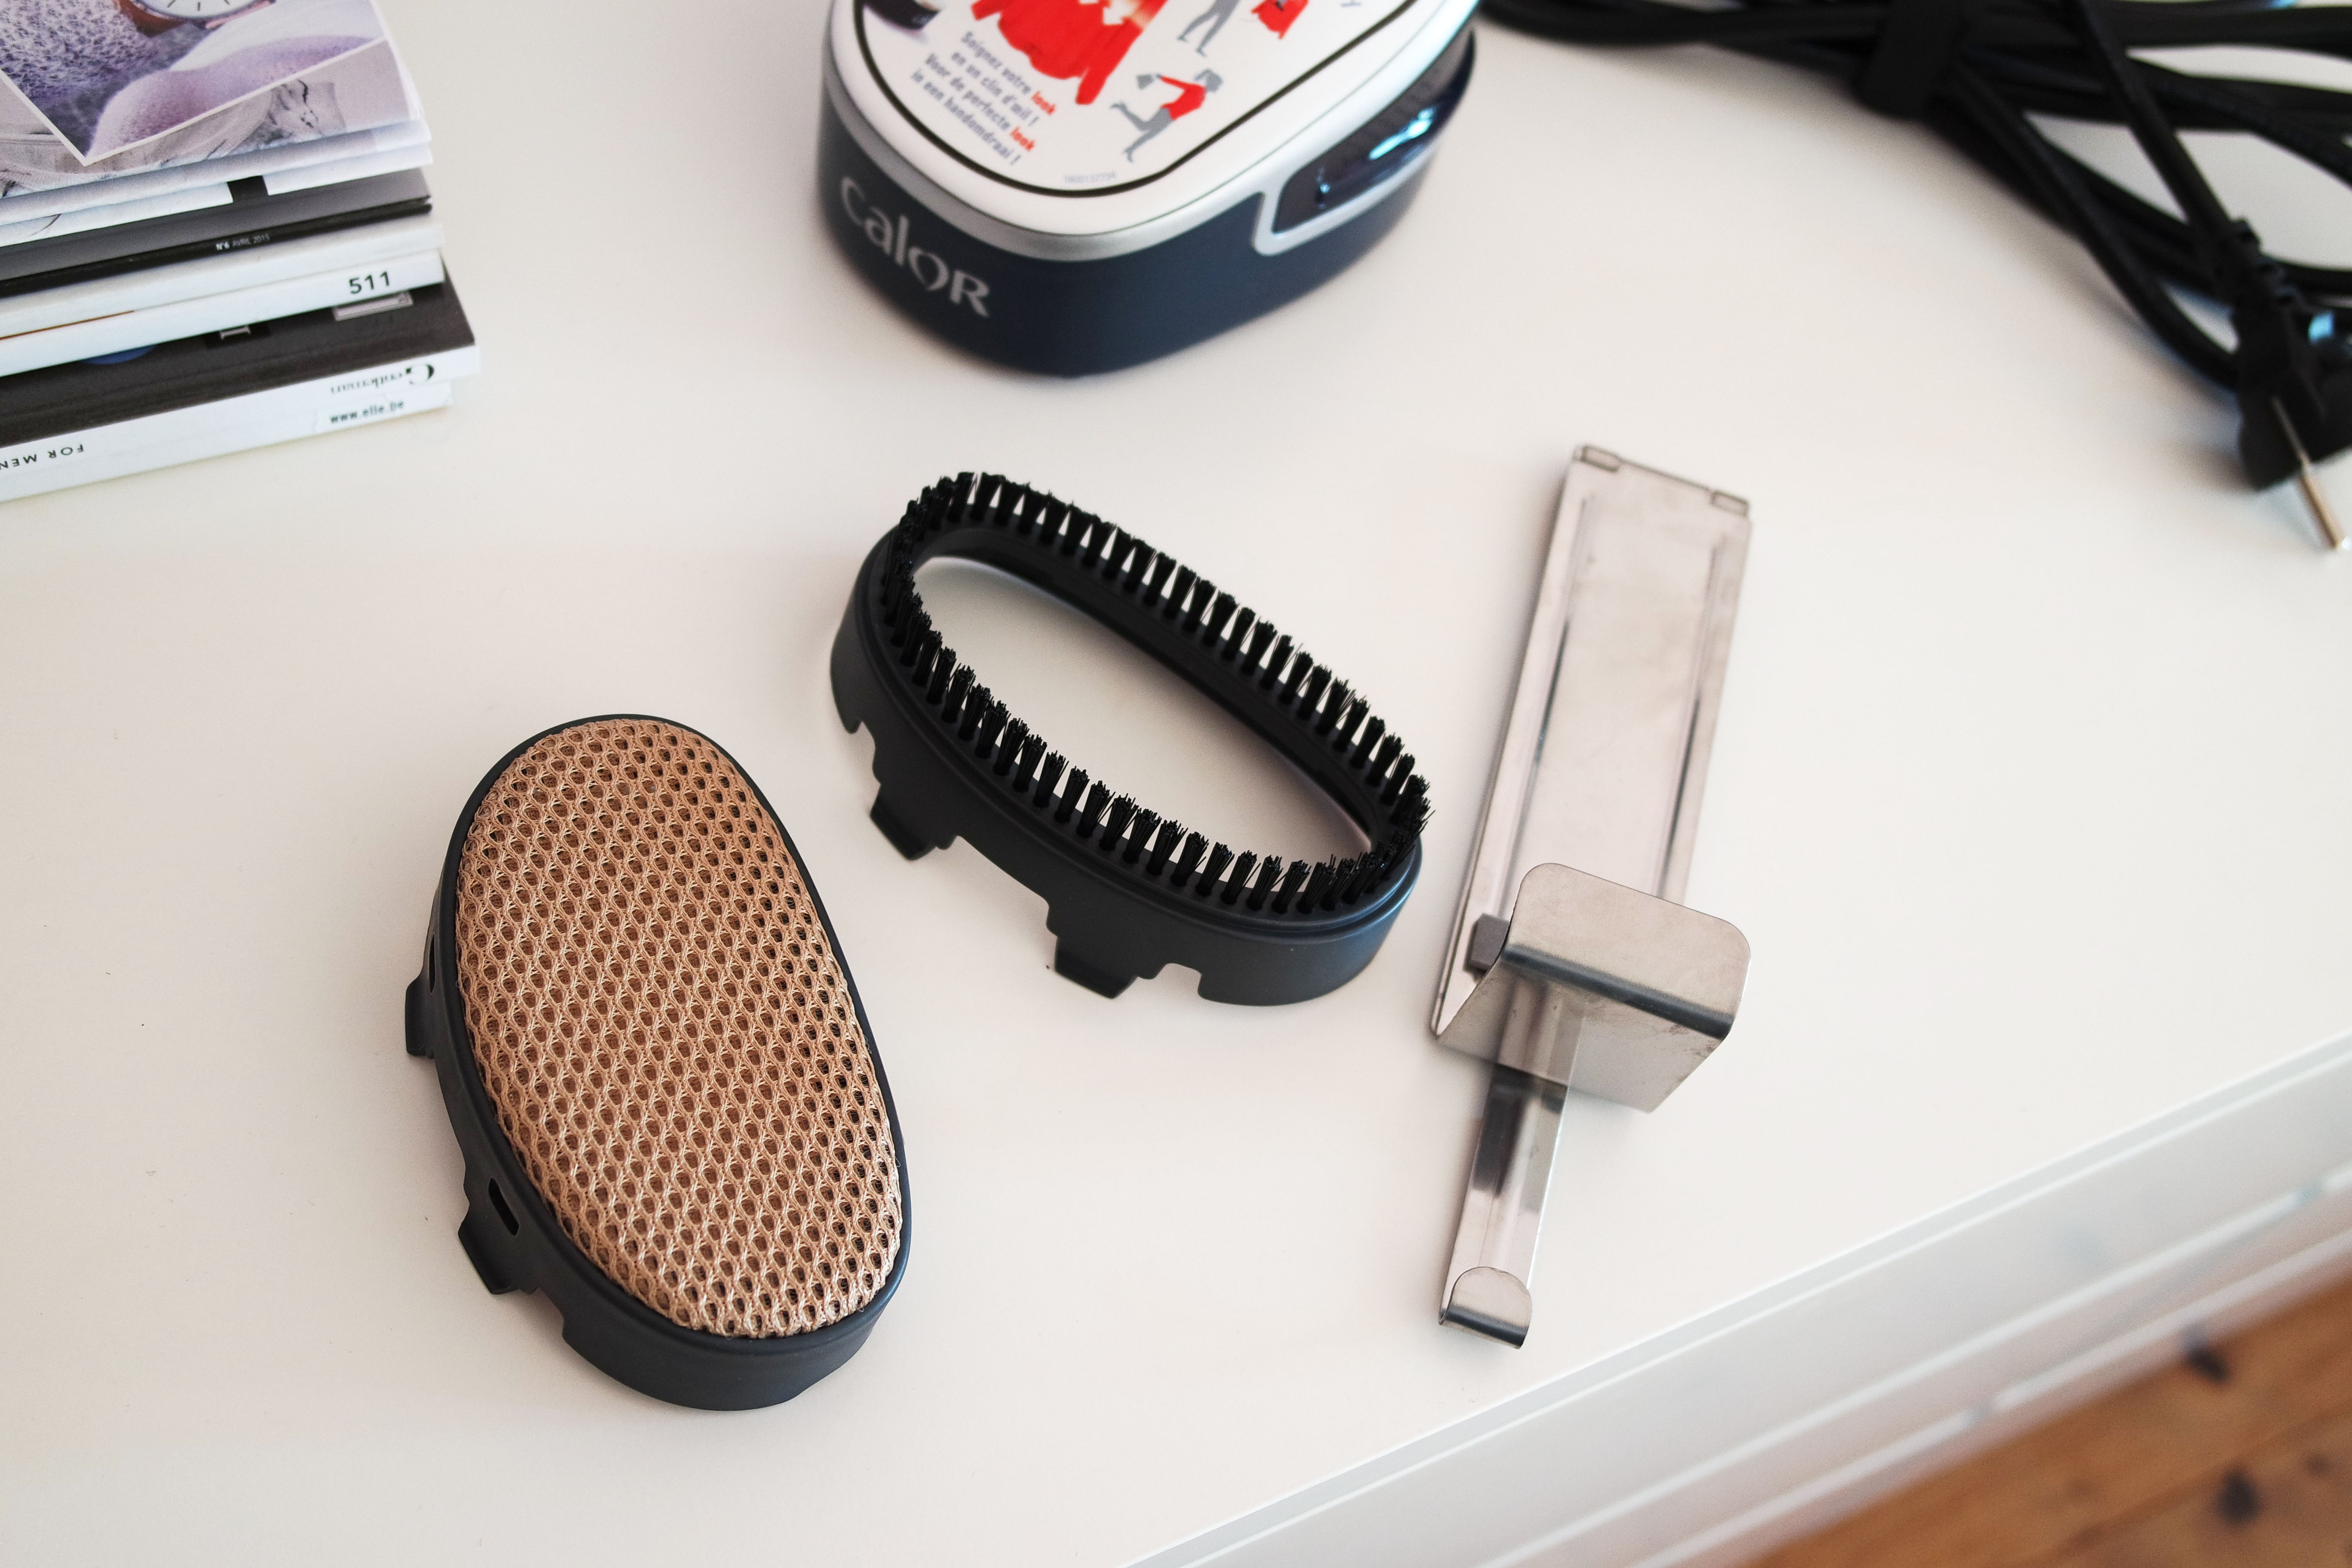 j 39 ai test l 39 access steam le d froisseur de calor ellemixe. Black Bedroom Furniture Sets. Home Design Ideas